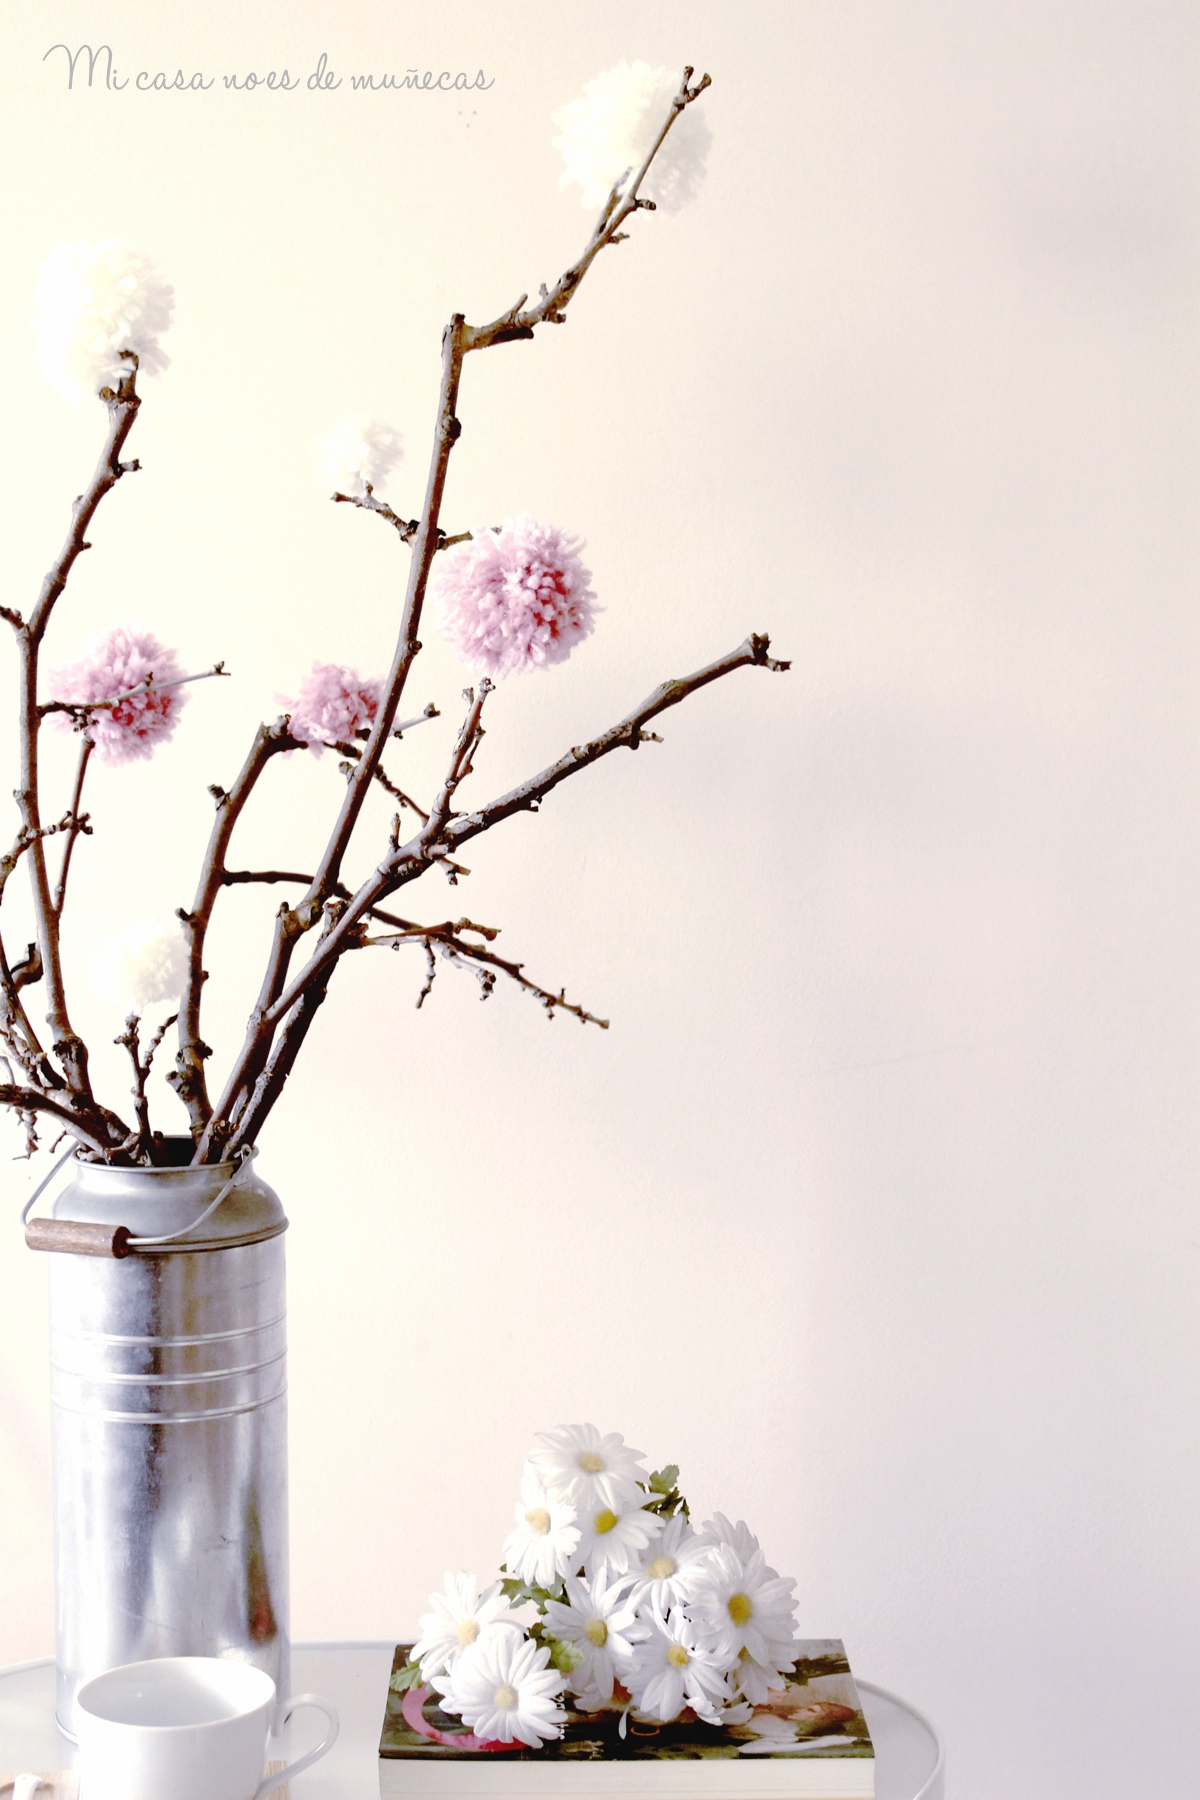 Wedeco decora con flores mi casa no es de mu ecas - Mi casa no es de munecas ...